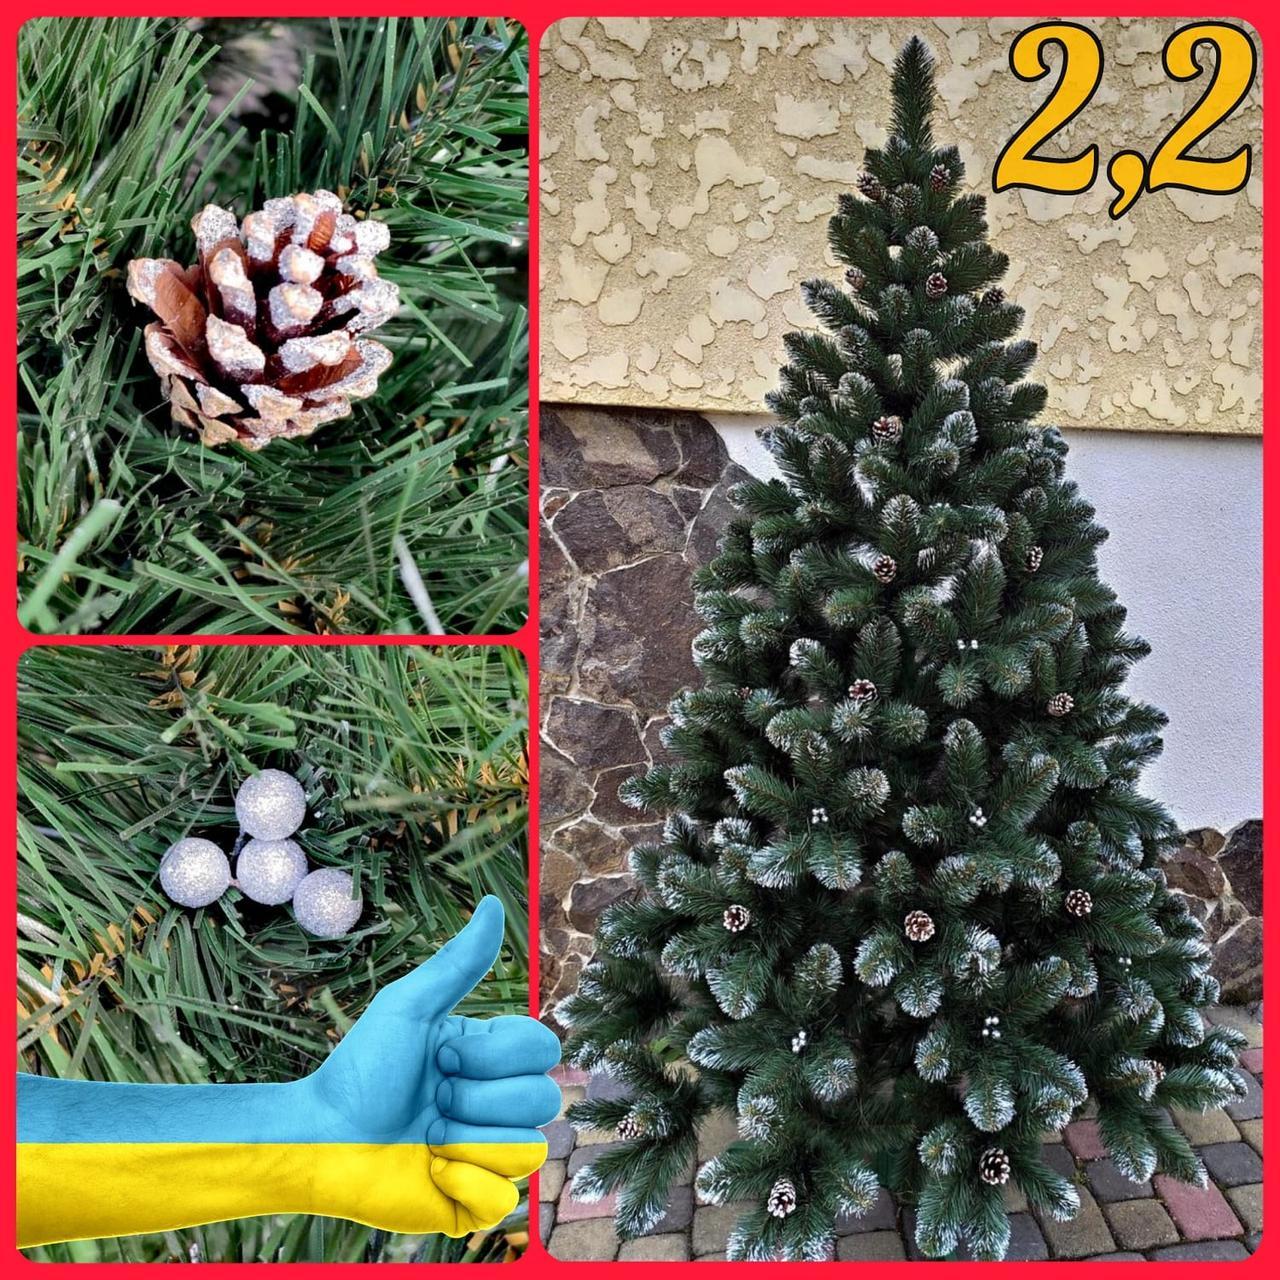 Пишна новорічна штучна ялинка 2,2 м з сріблястими шишками і перлами, штучні ялини і сосни з інеєм